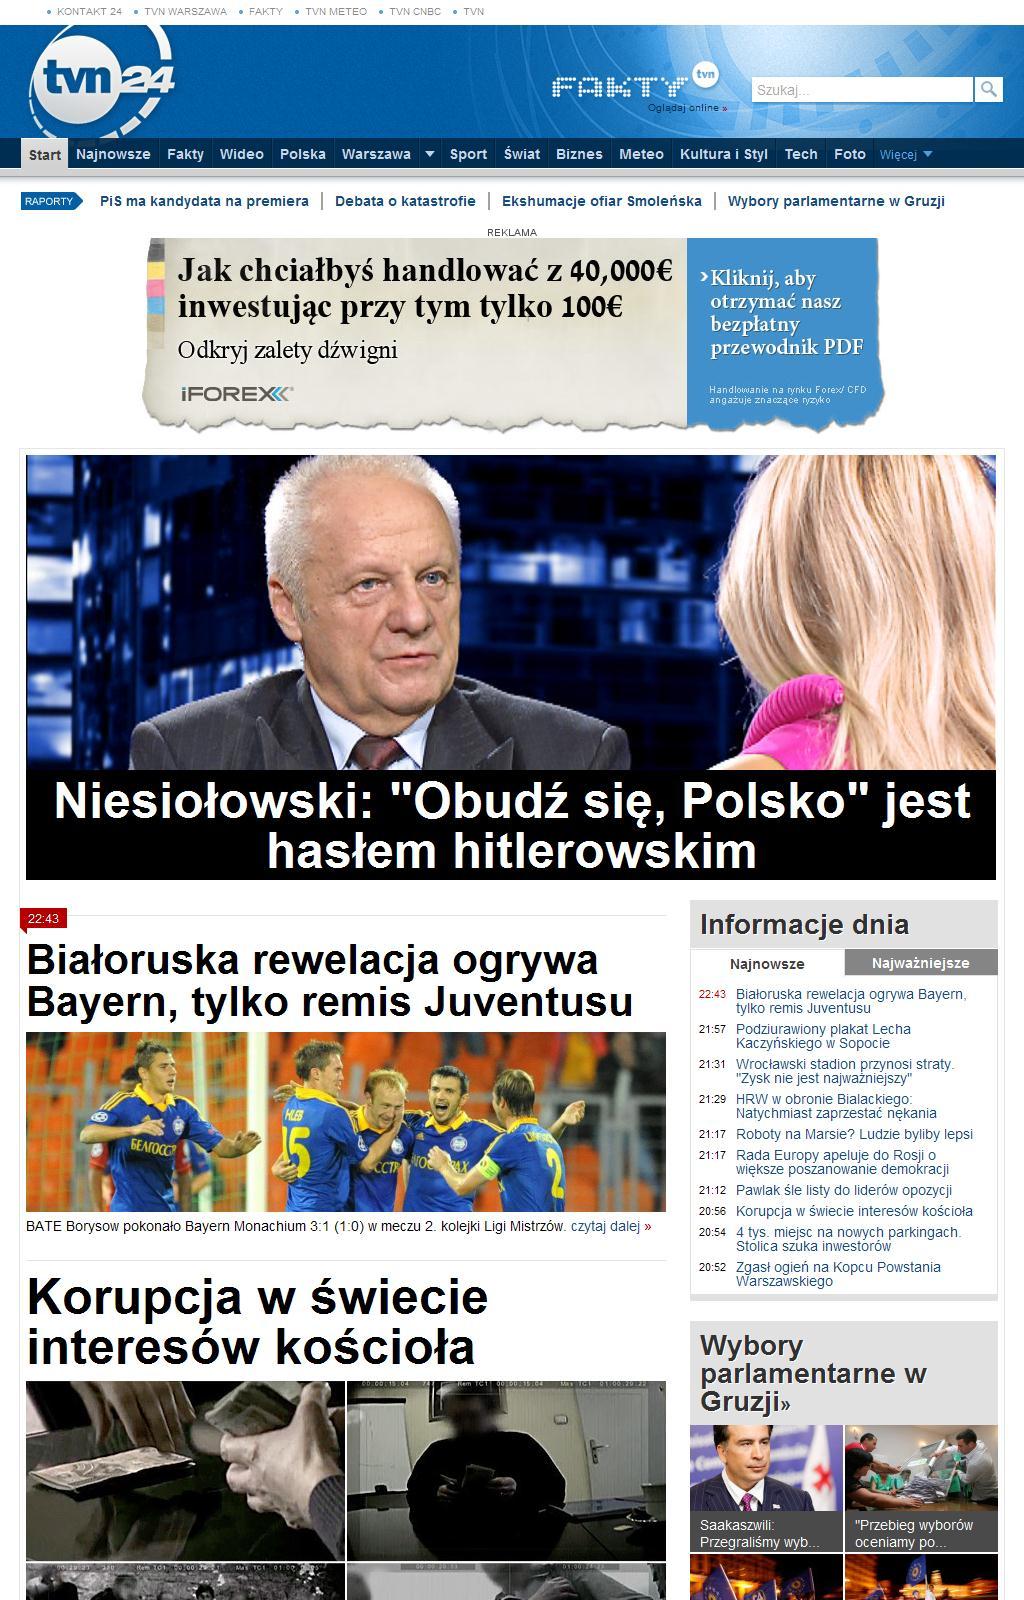 Wiadomości z kraju i ze świata - najnowsze informacje w TVN24